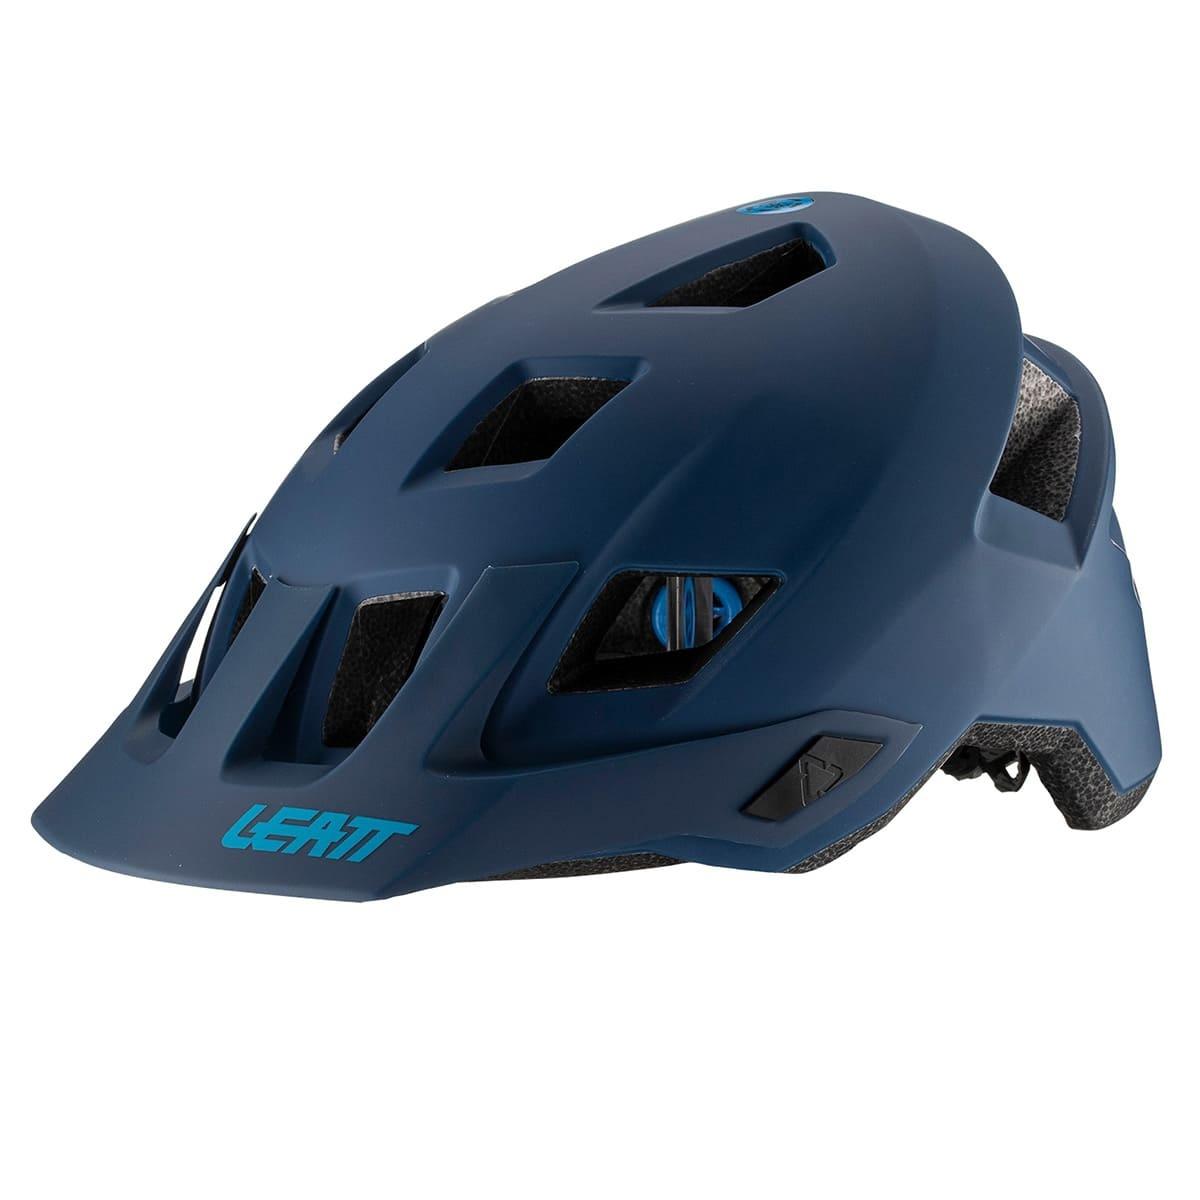 Leatt DBX 1.0 Mtn Helmet, Ink - S (51-55cm)